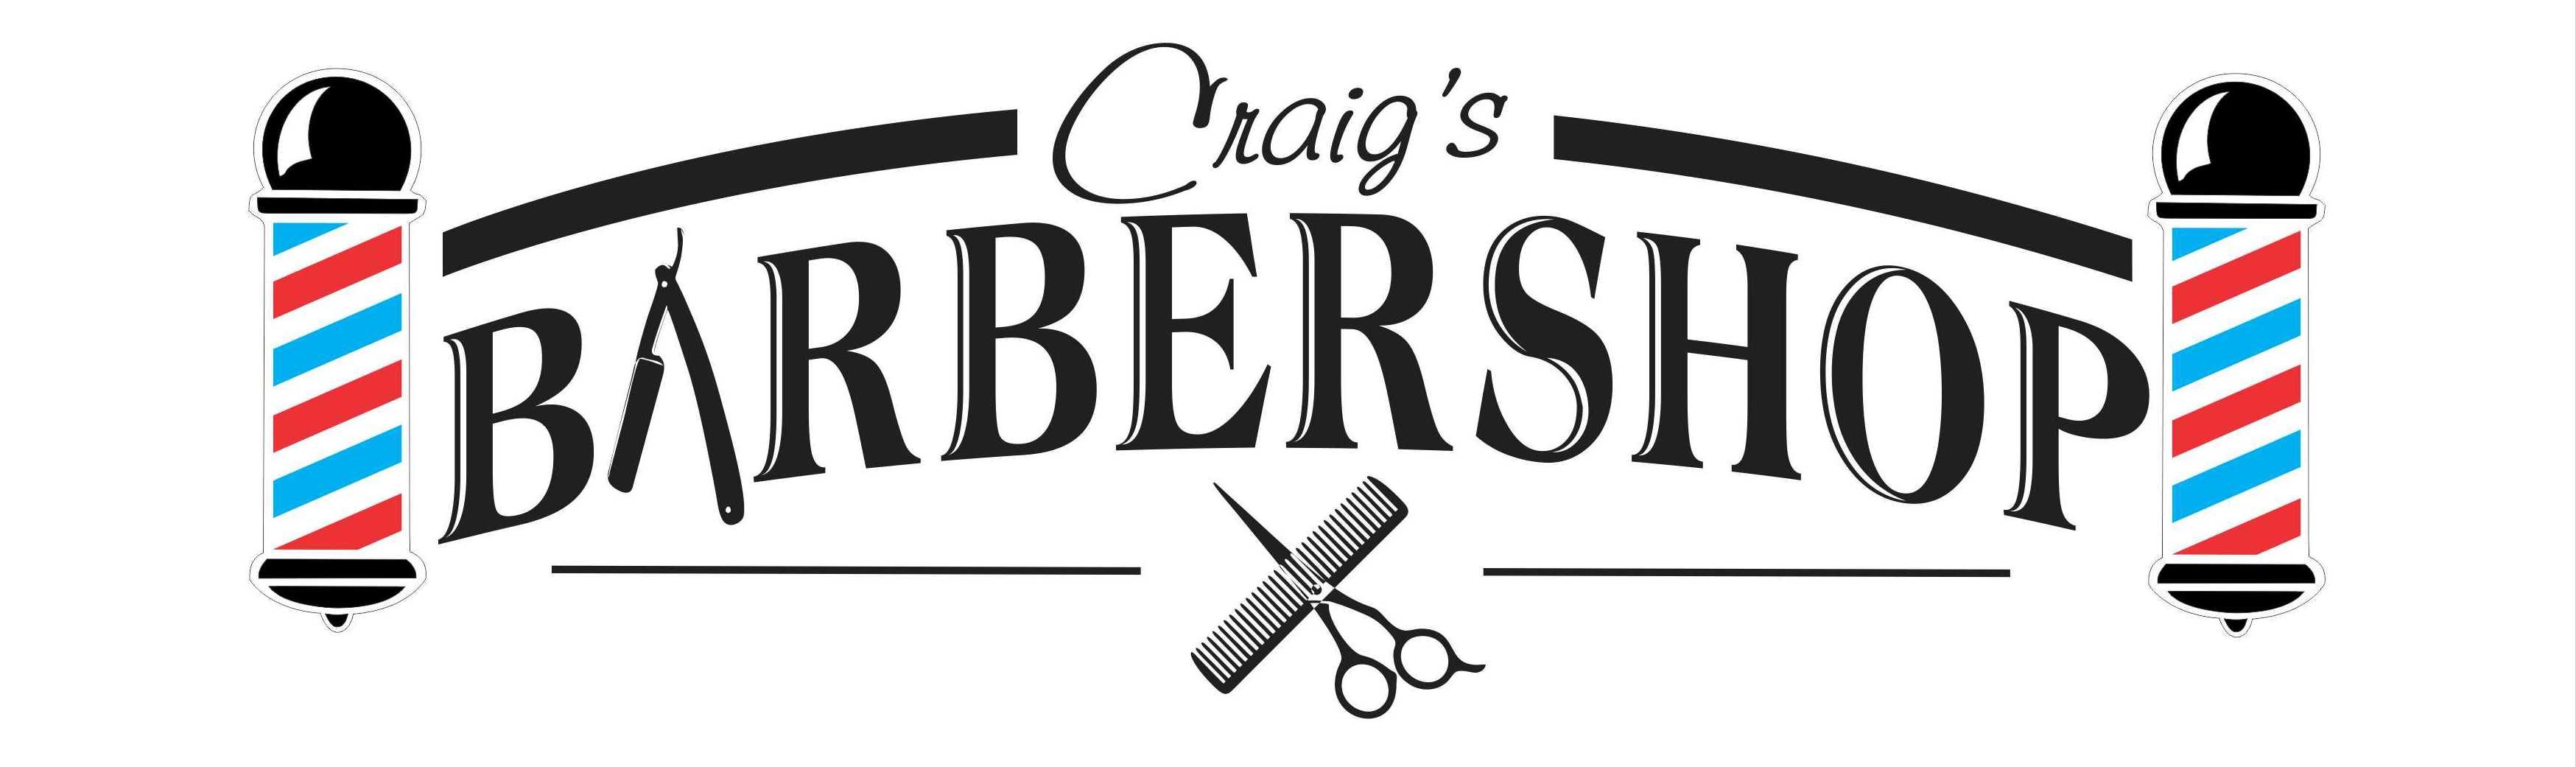 Barber Shop PNG - 162246